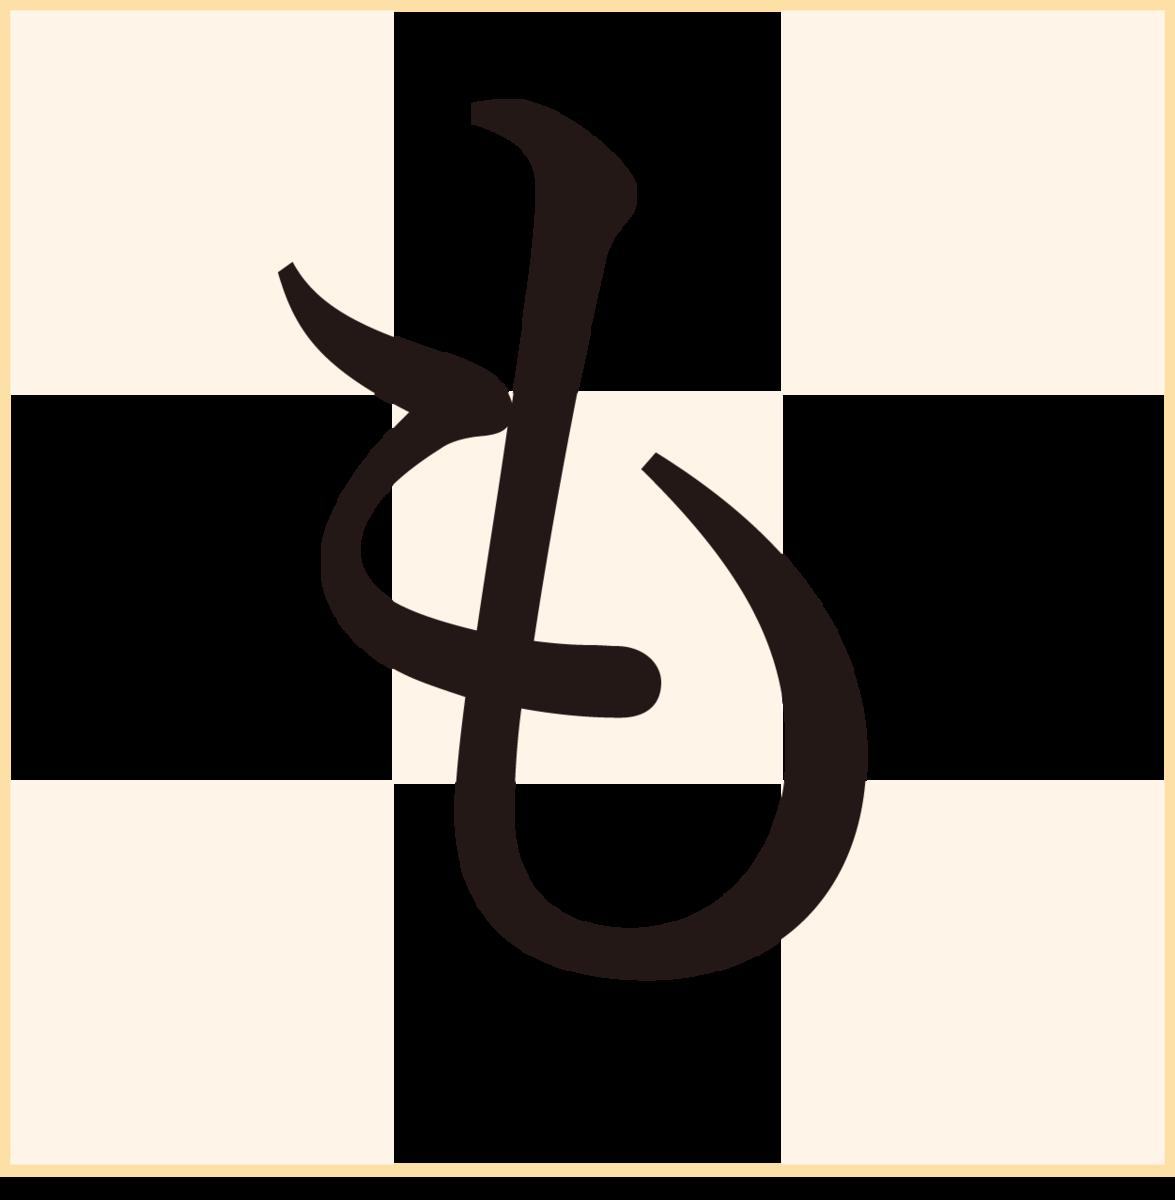 f:id:mojiru:20190411095549p:plain